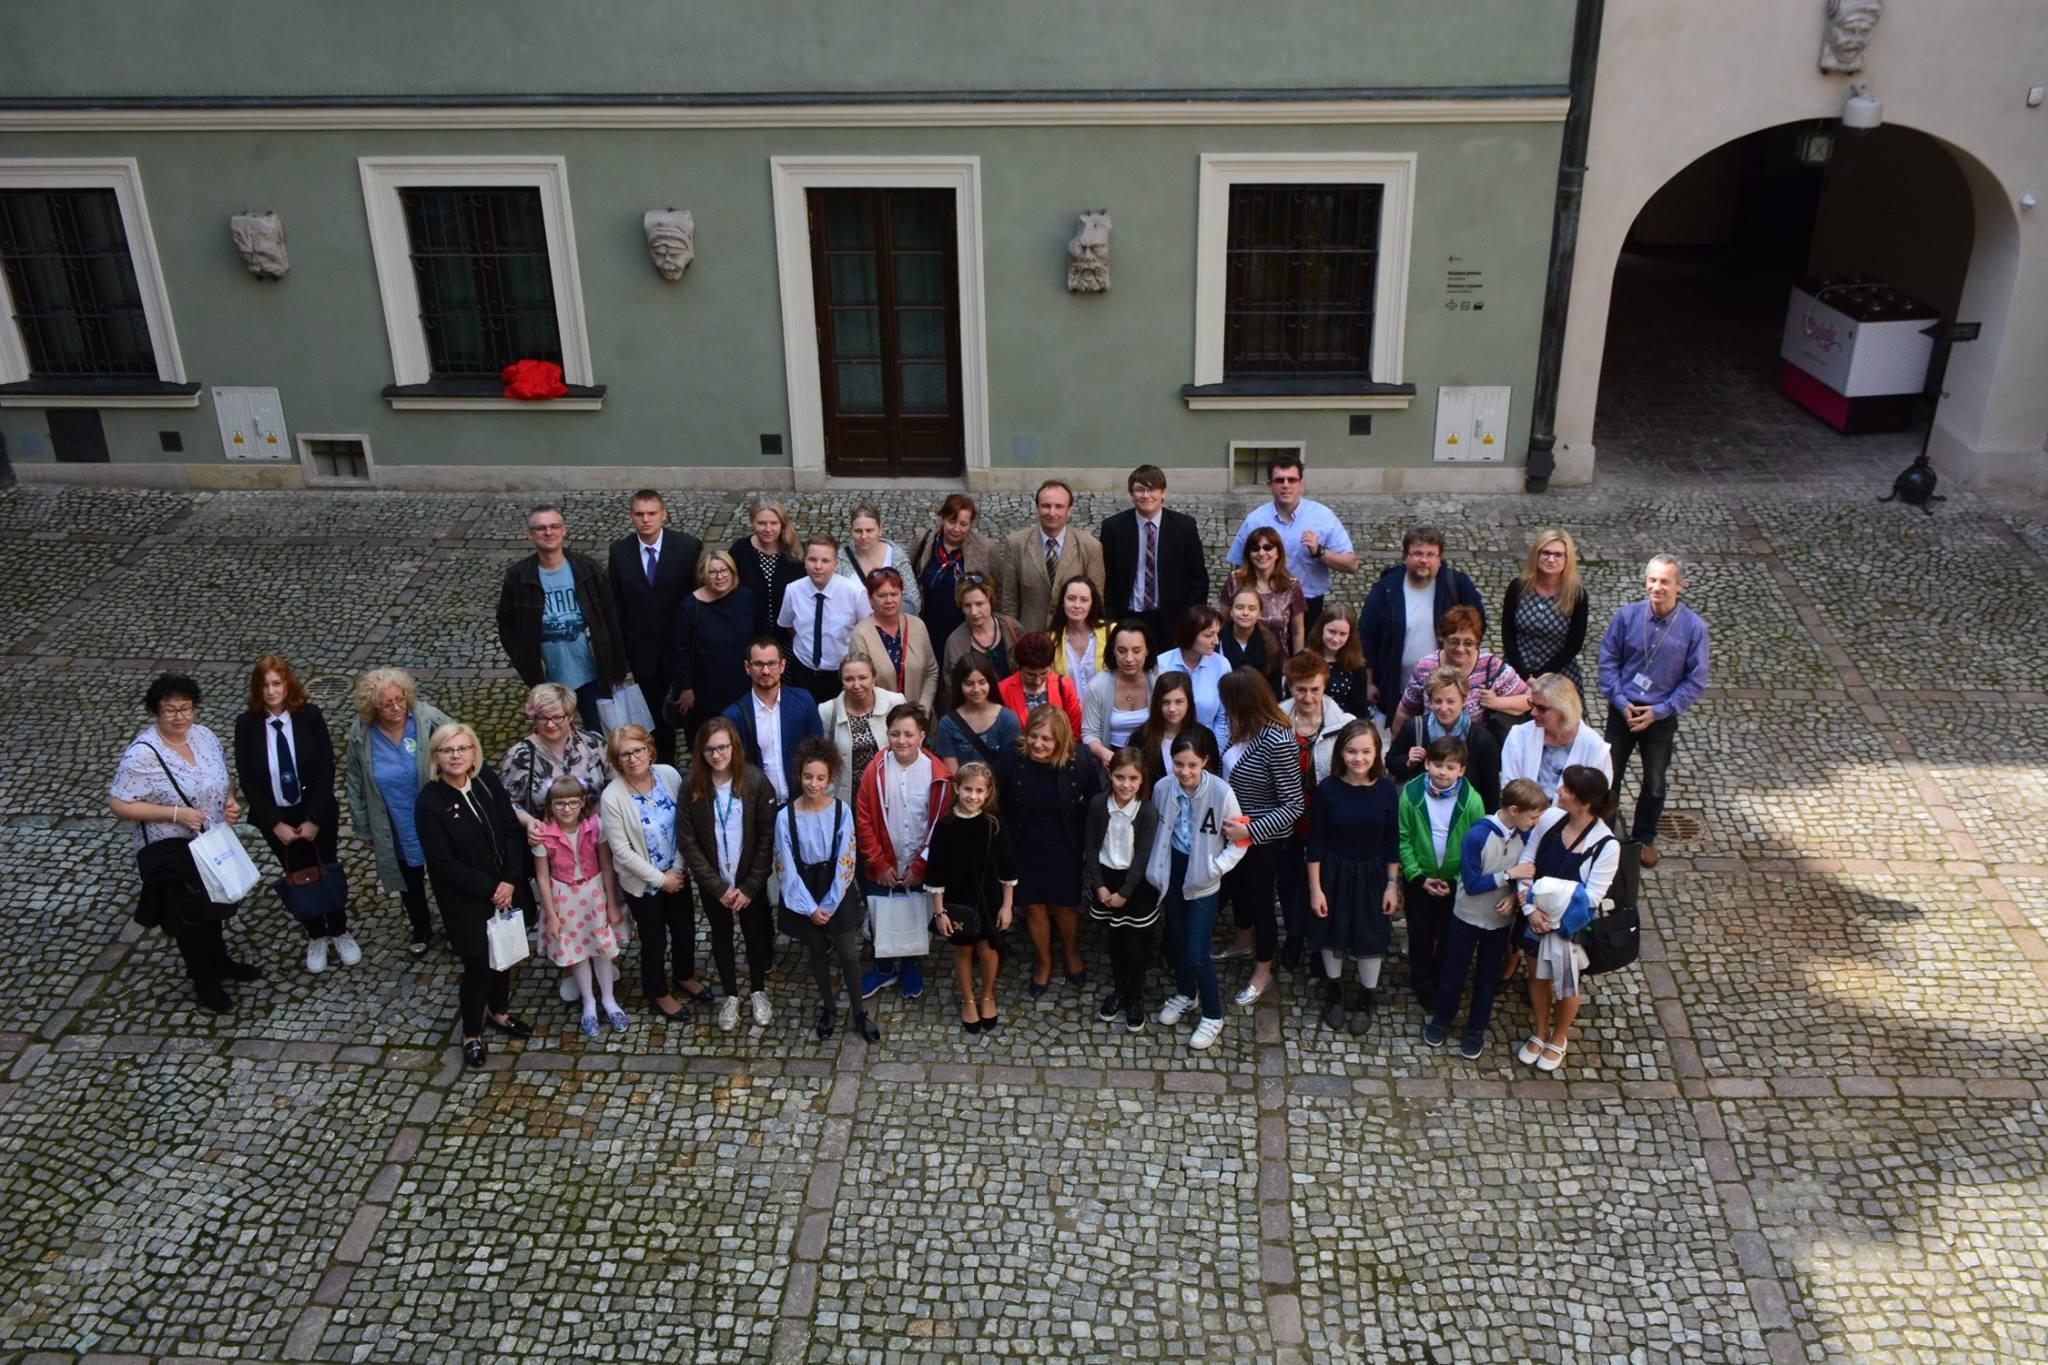 Zdjęcie zrobione z góry, na zewnątrz na tle kamienic muzealnych stoi grupa laureatów z nagrodami.